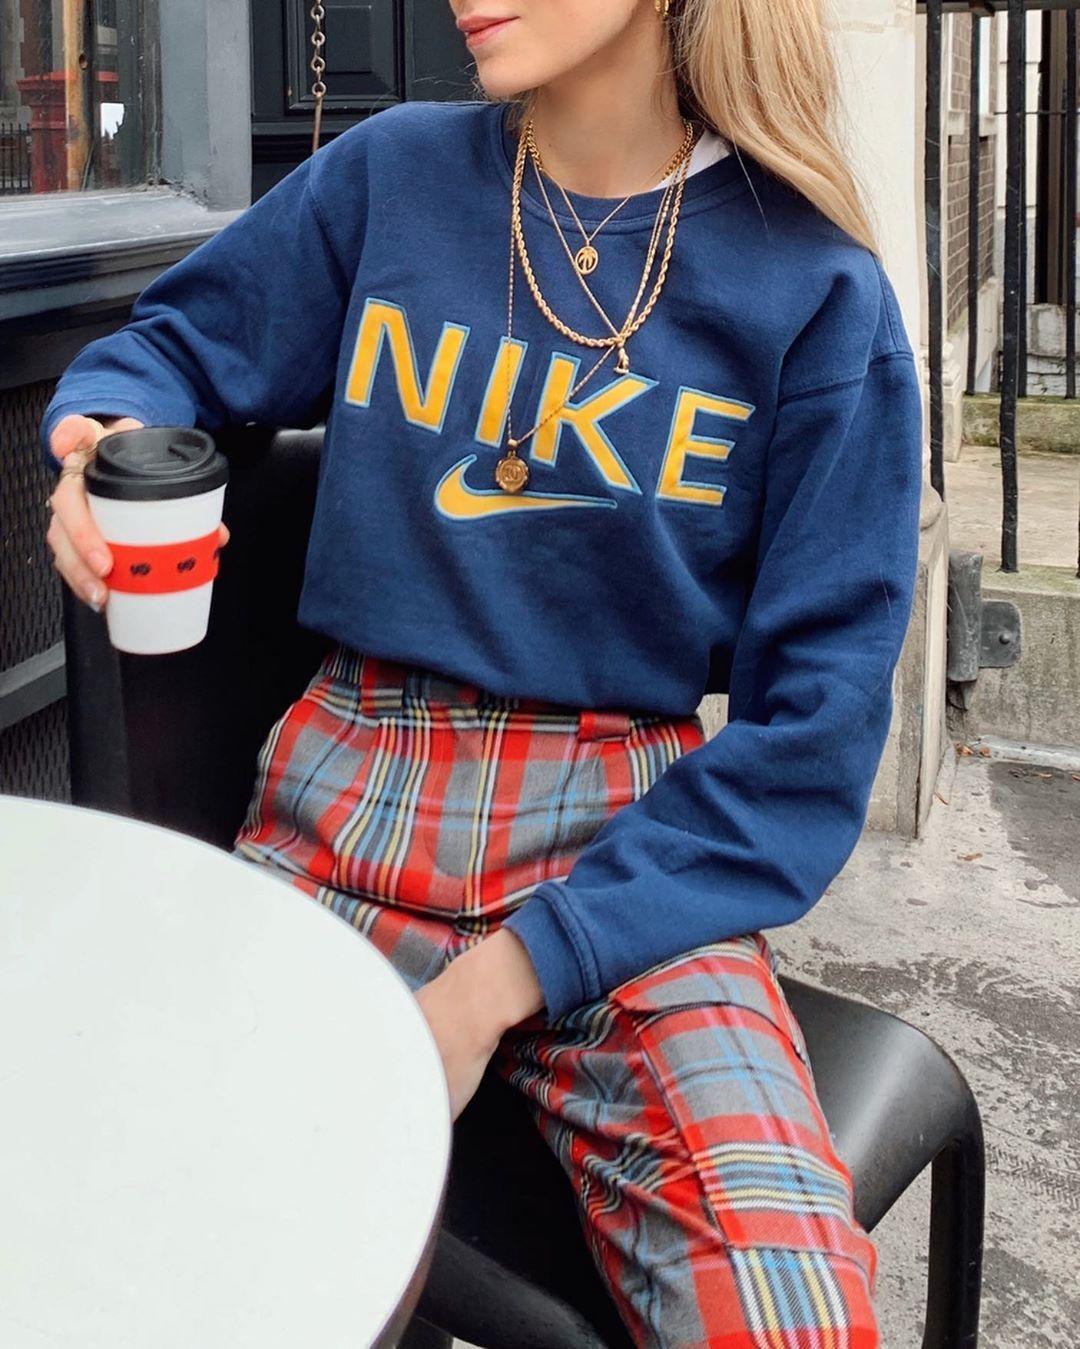 """Olivia Frost auf Instagram: """"Liv uniform pt 2; Karohosen und Vintage-Nike-Pullover, #auf #Frost #Instagram #Karohosen #Liv #Olivia #und #uniform #VintageNikePullover"""